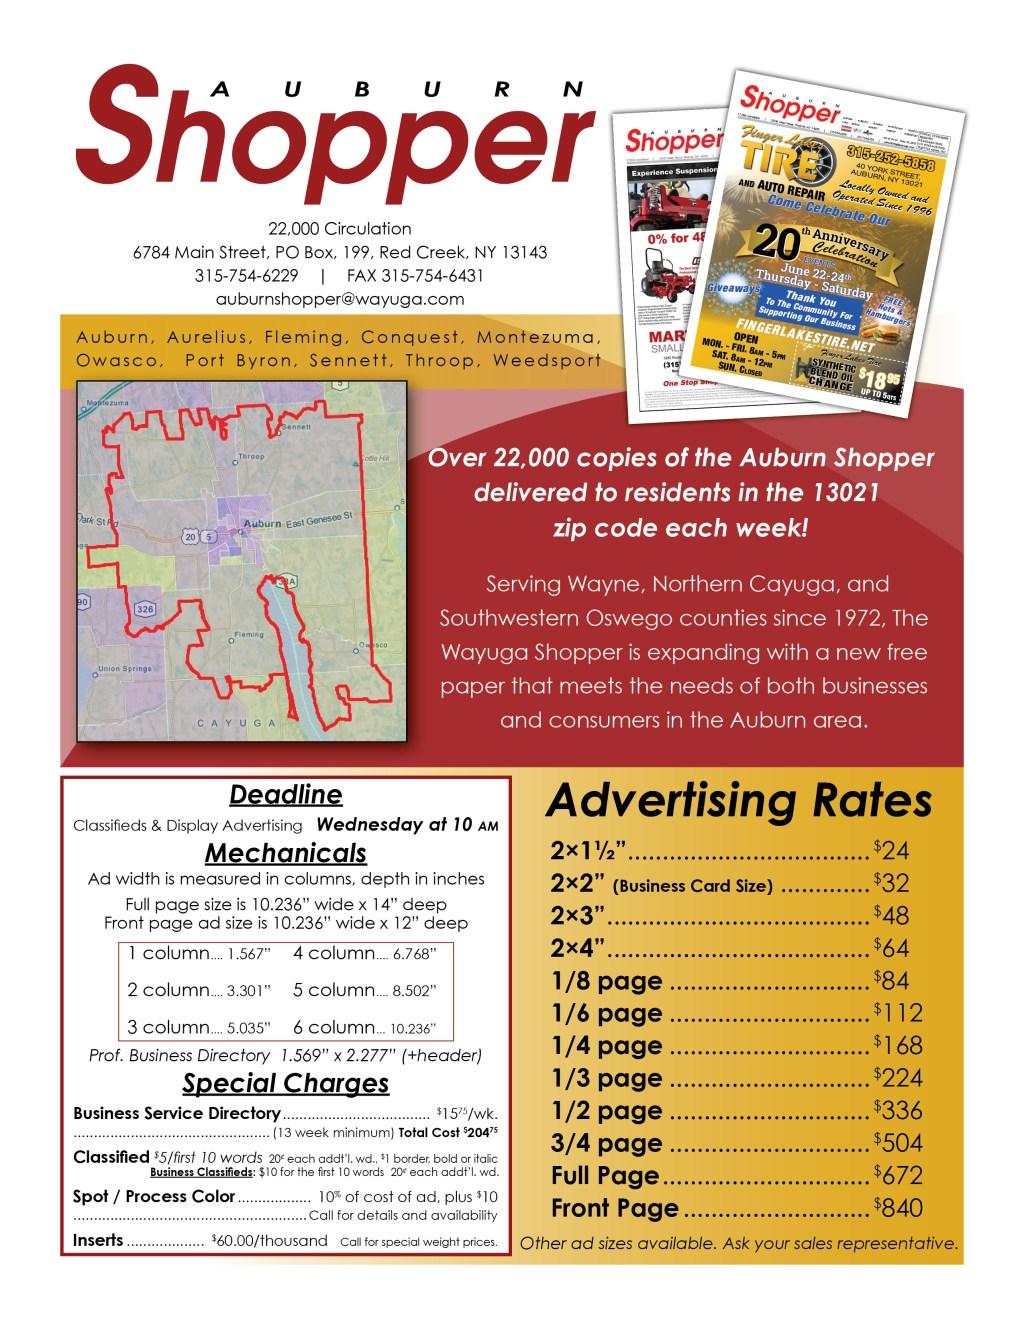 Auburn Shopper Info Flyer.jpg